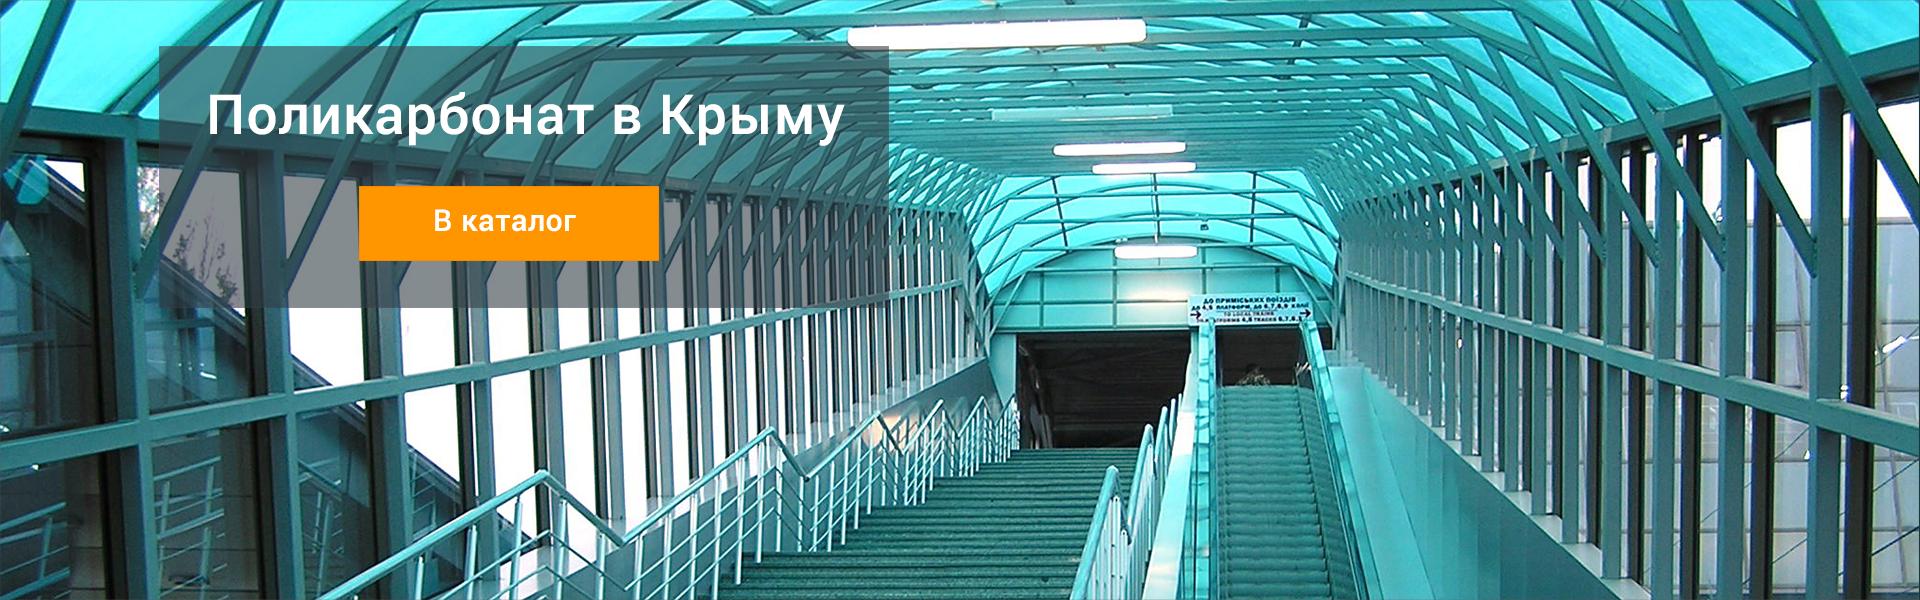 Поликарбонат в Крыму